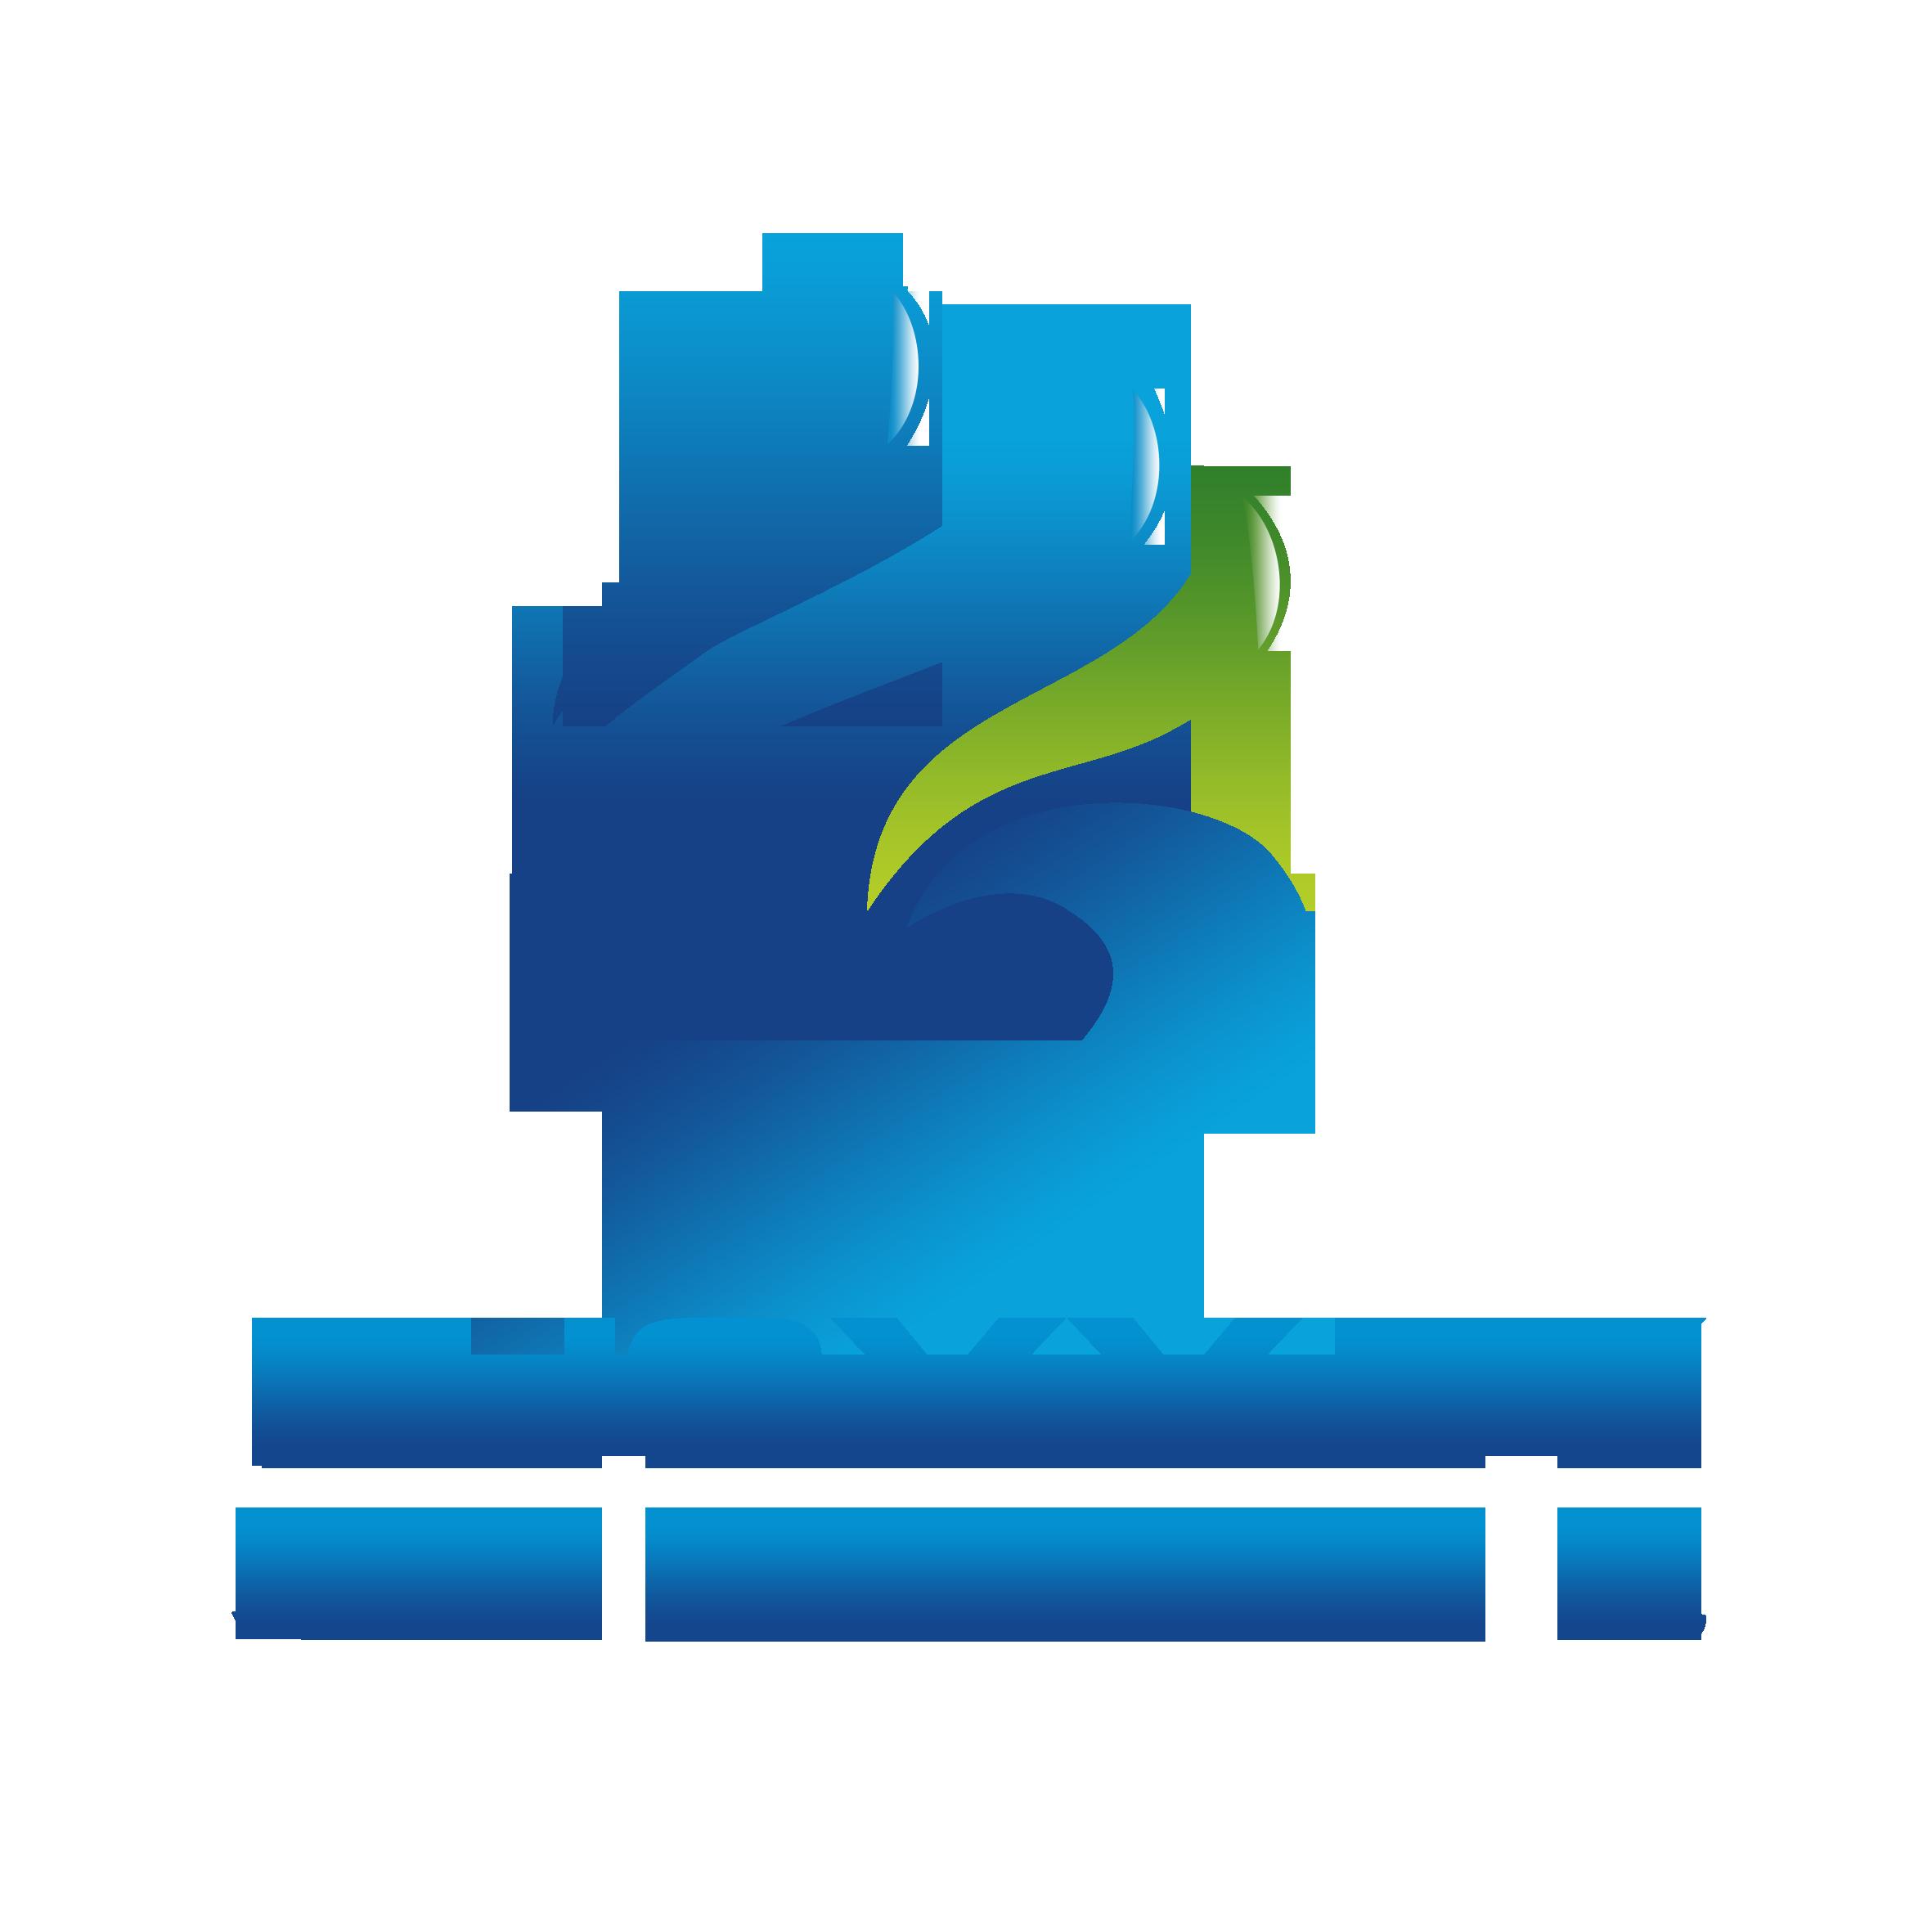 中国吸奶器行业发展预测及投资策略分析报告2017-2022年